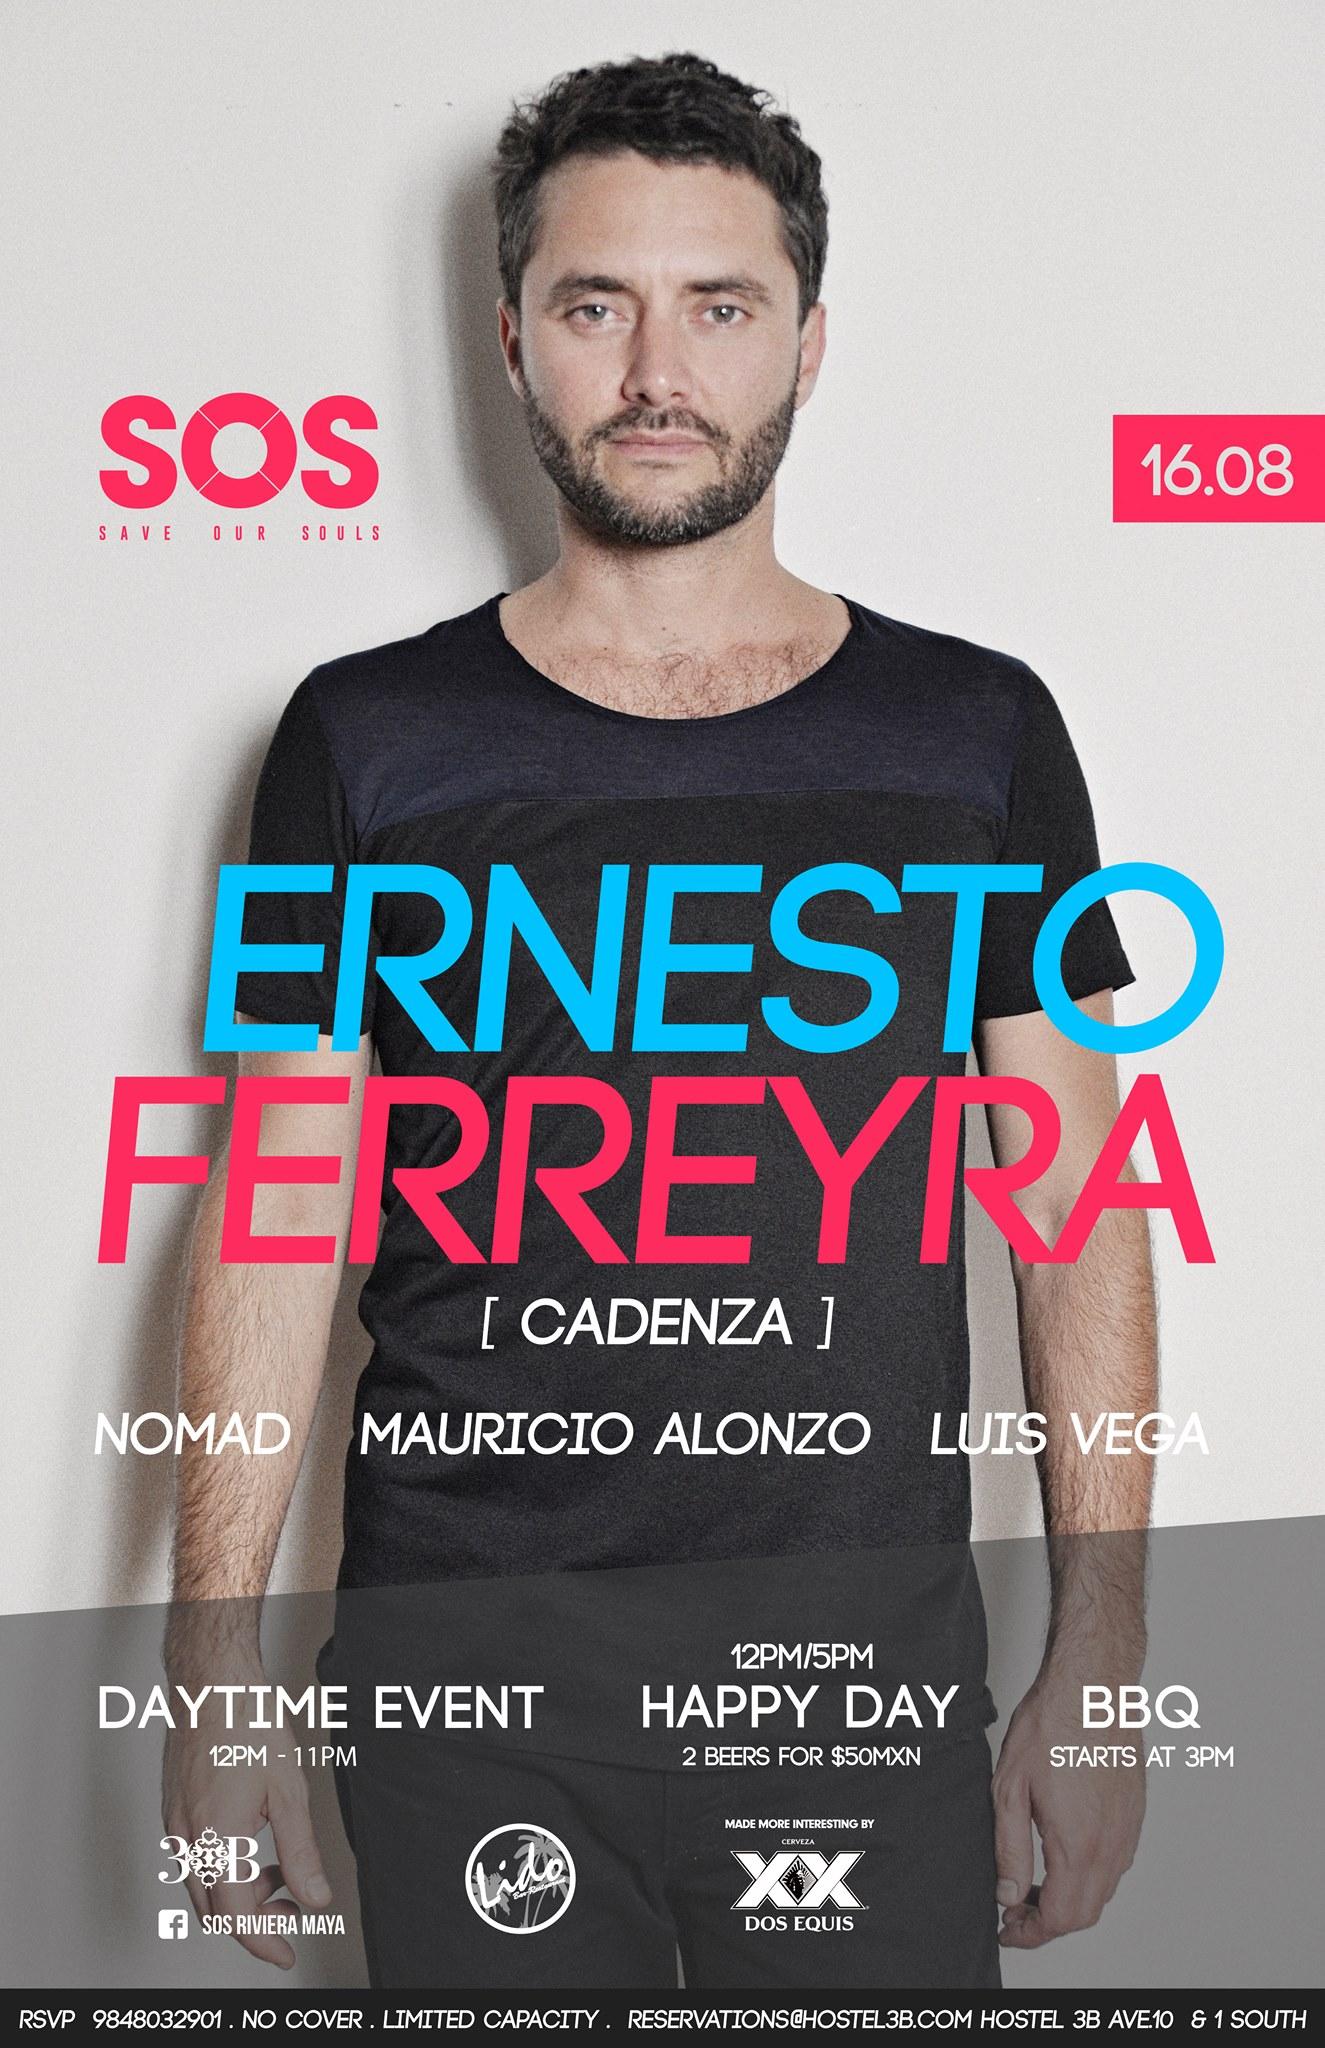 Ernesto Ferreyra @ SOS Lounge